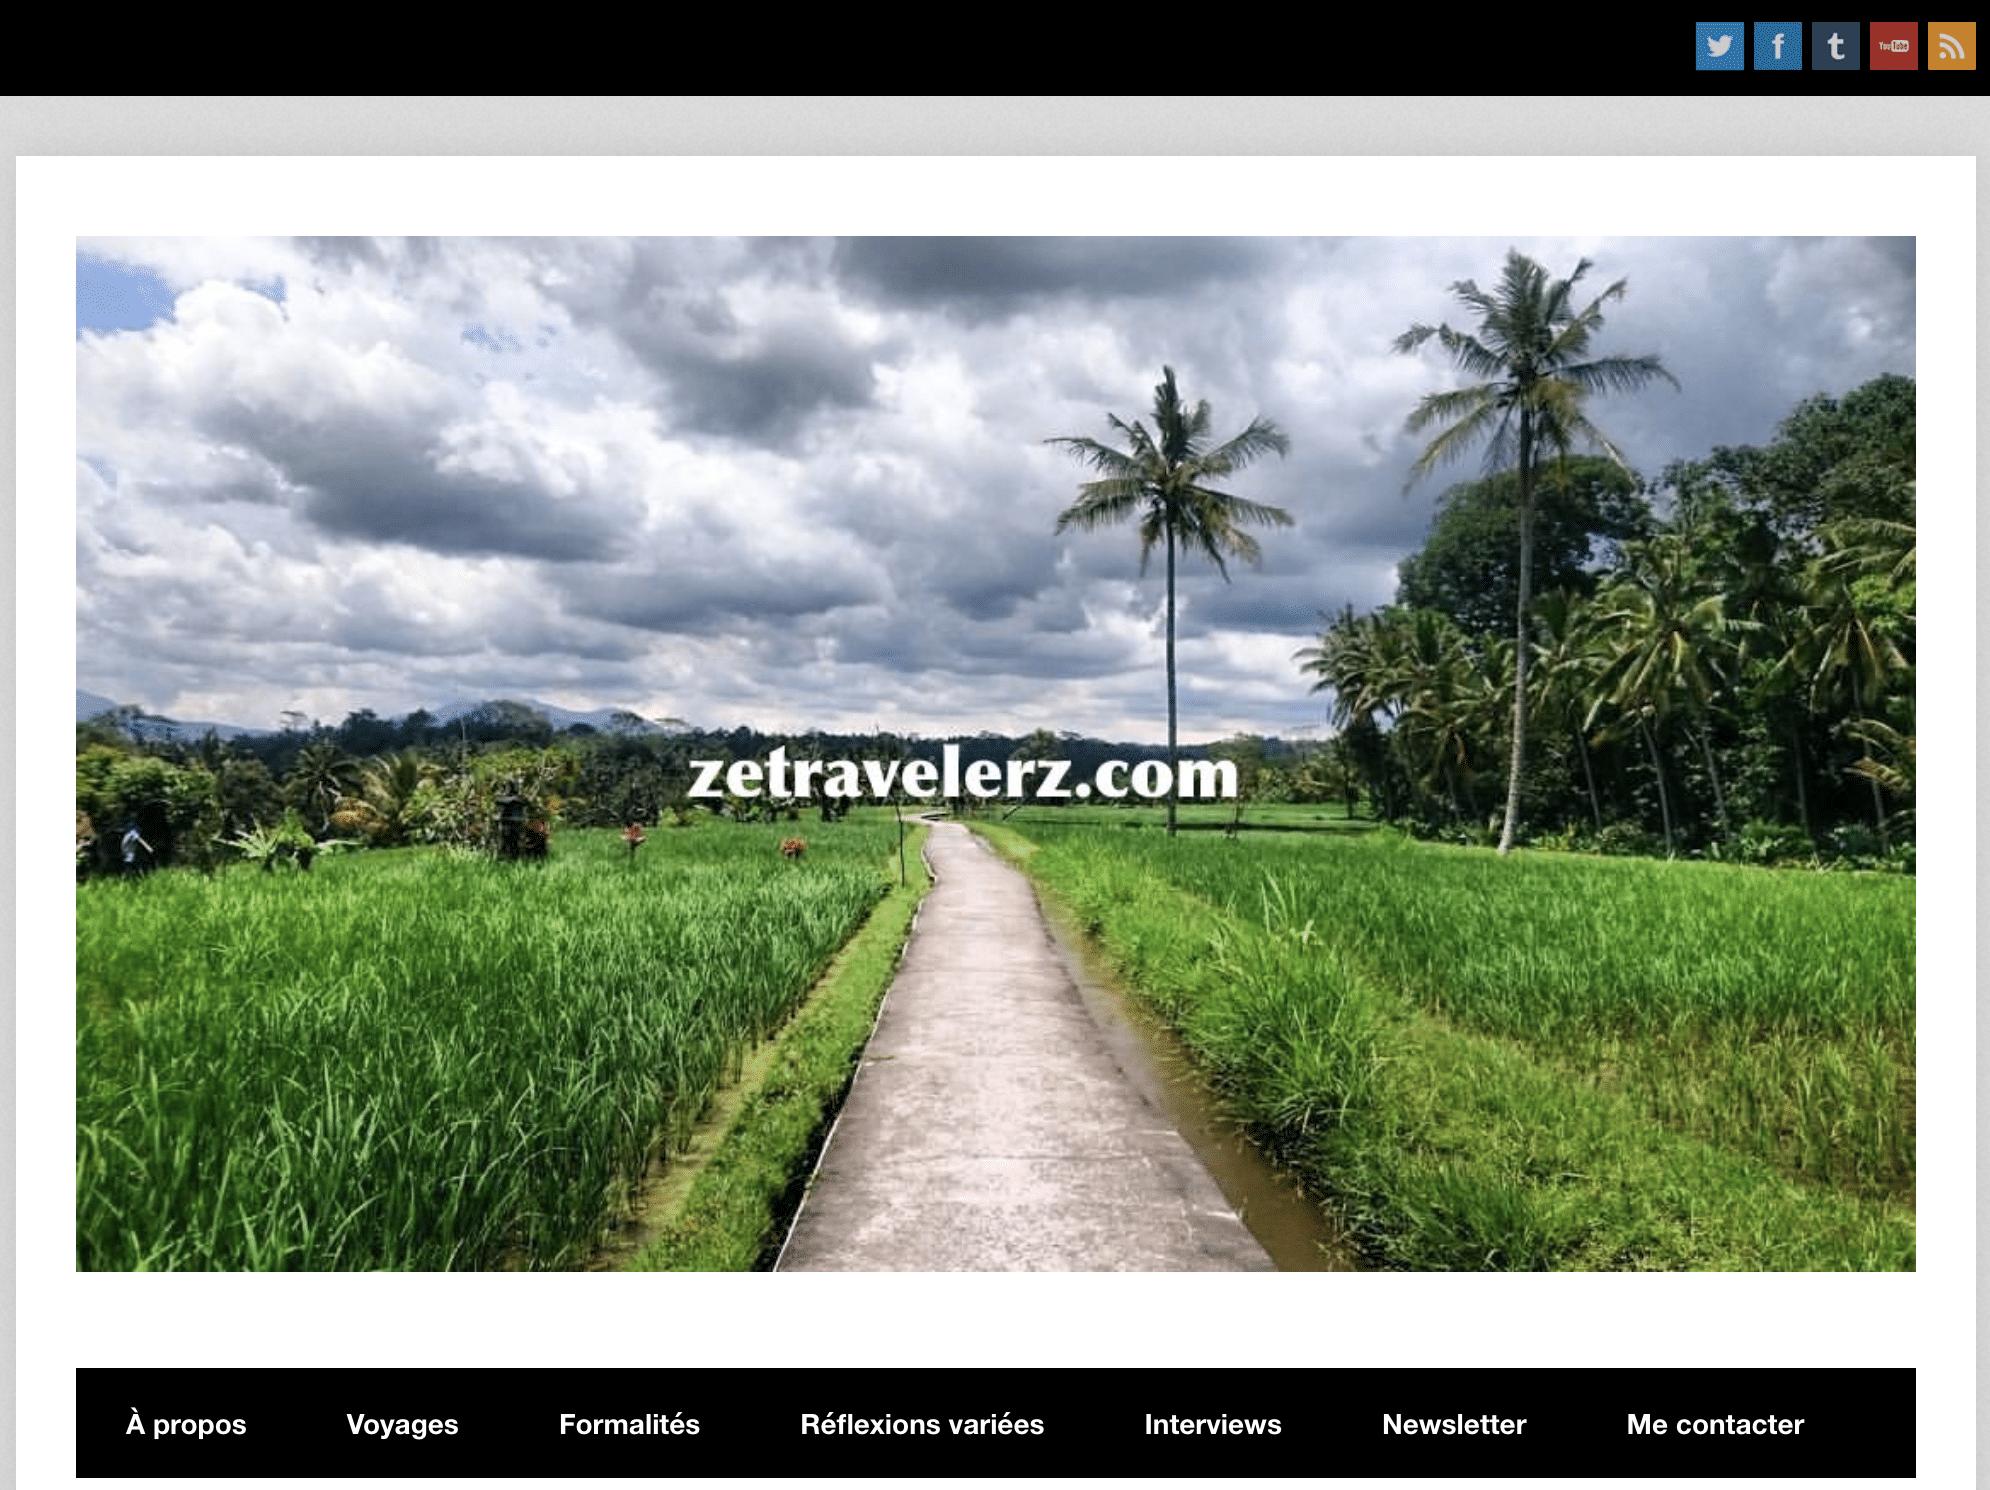 ancienne page d'accueil du blog zetravelerz